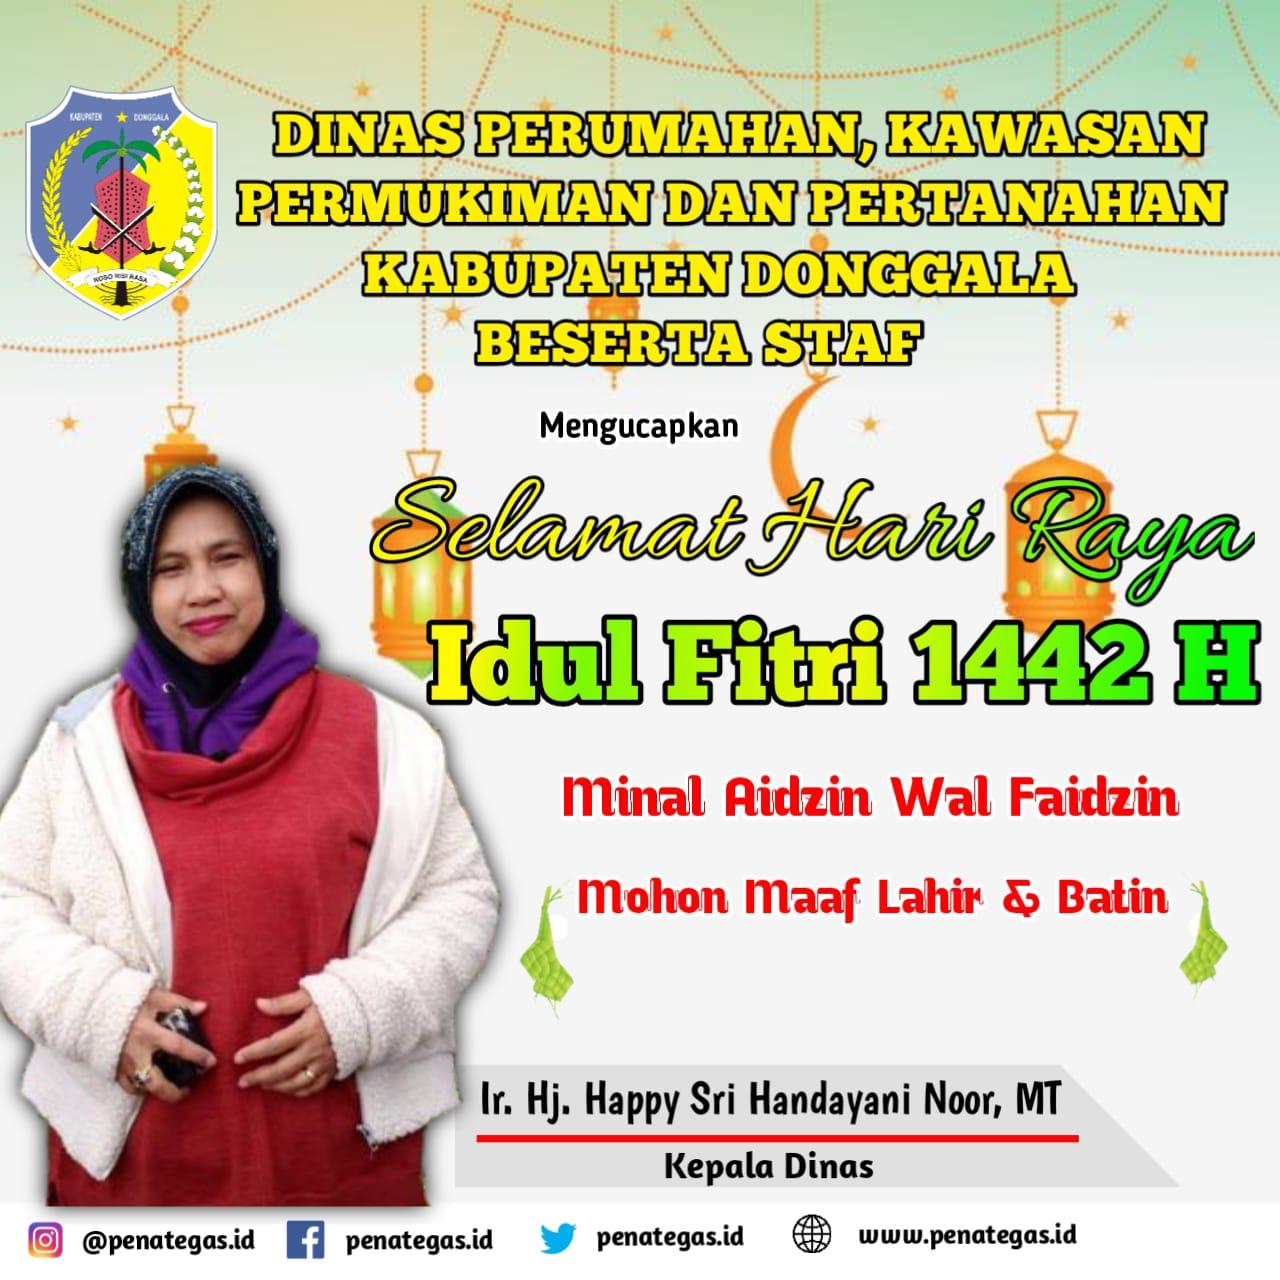 Dinas Perumahan, Kawasan Permukiman Dan Pertanahan Kabupaten Donggala